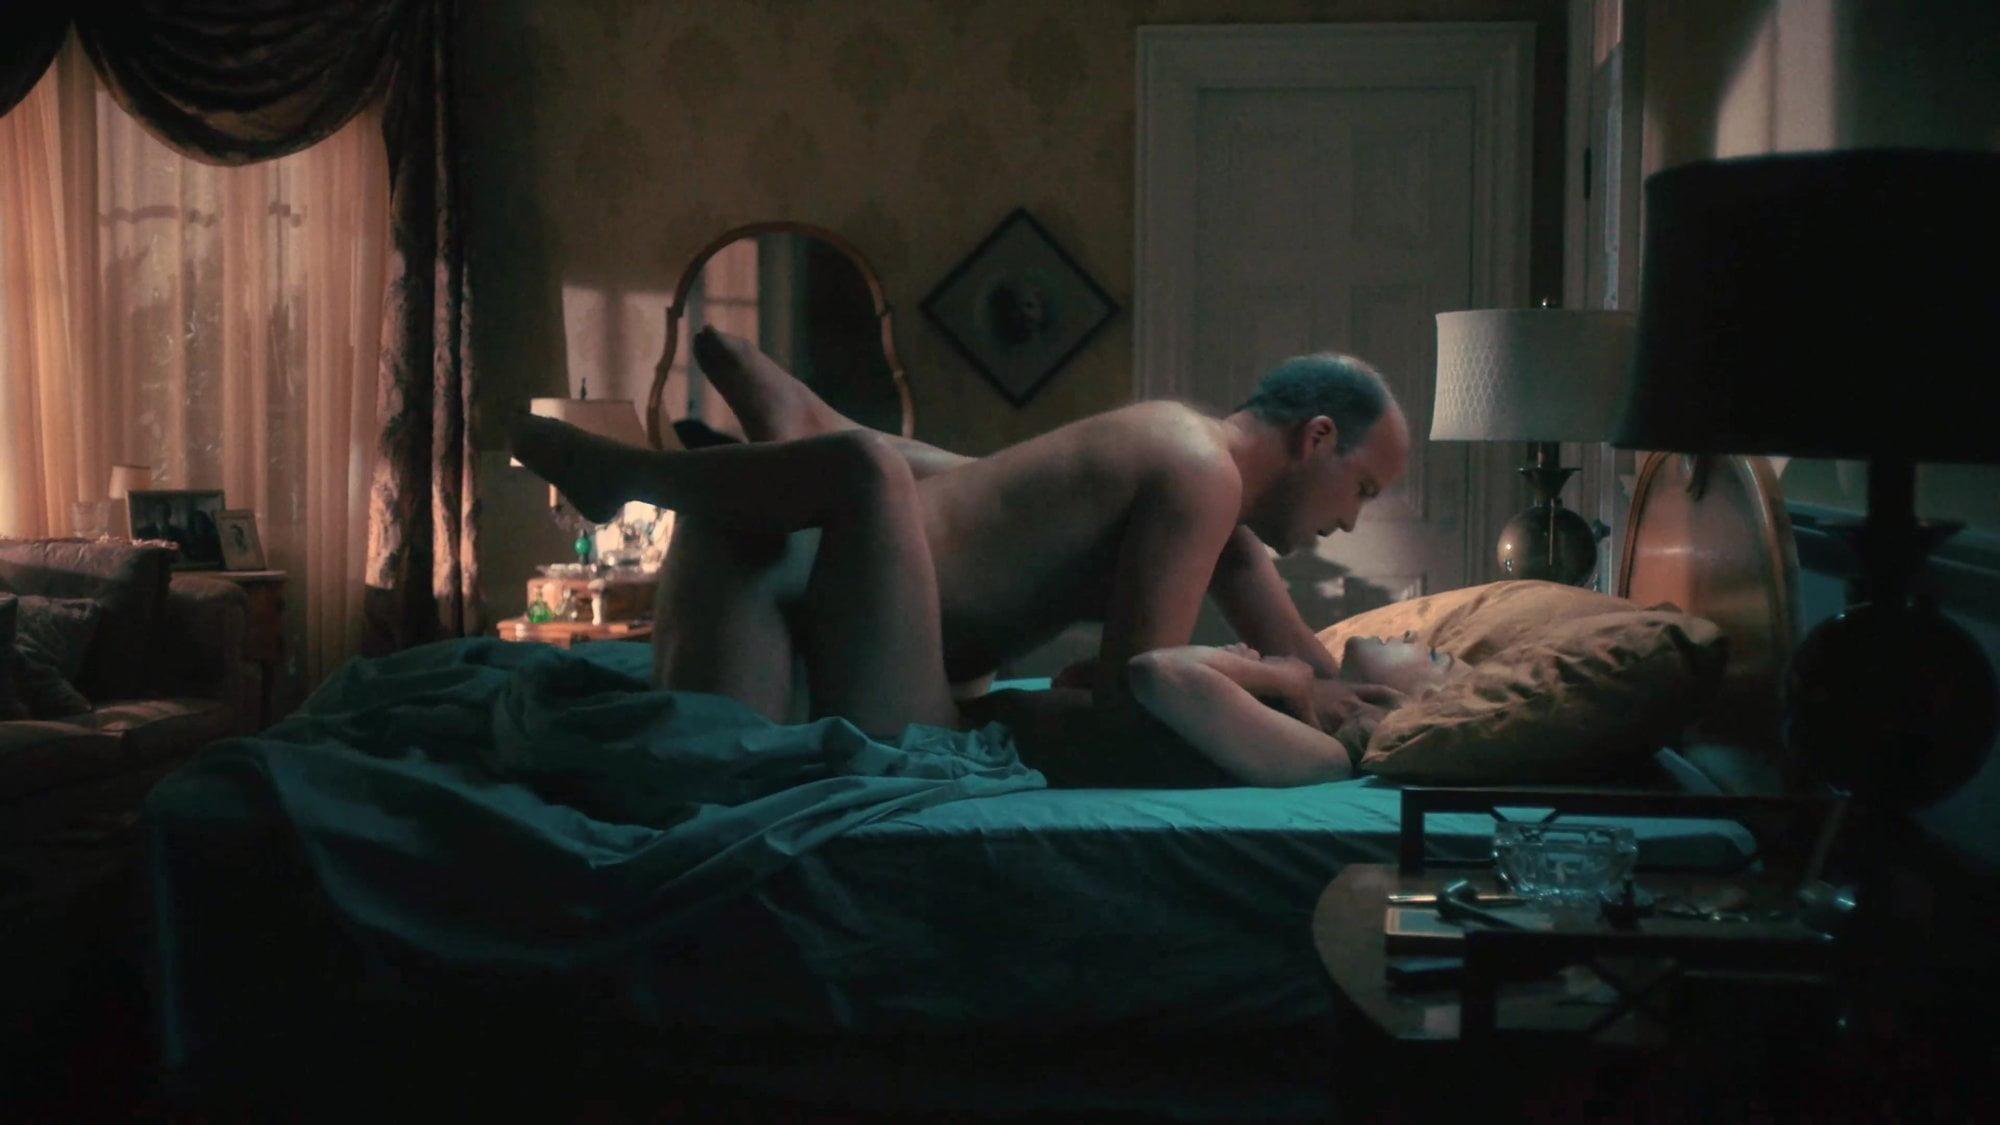 Sex natalie scene dormer Natalie Dormer